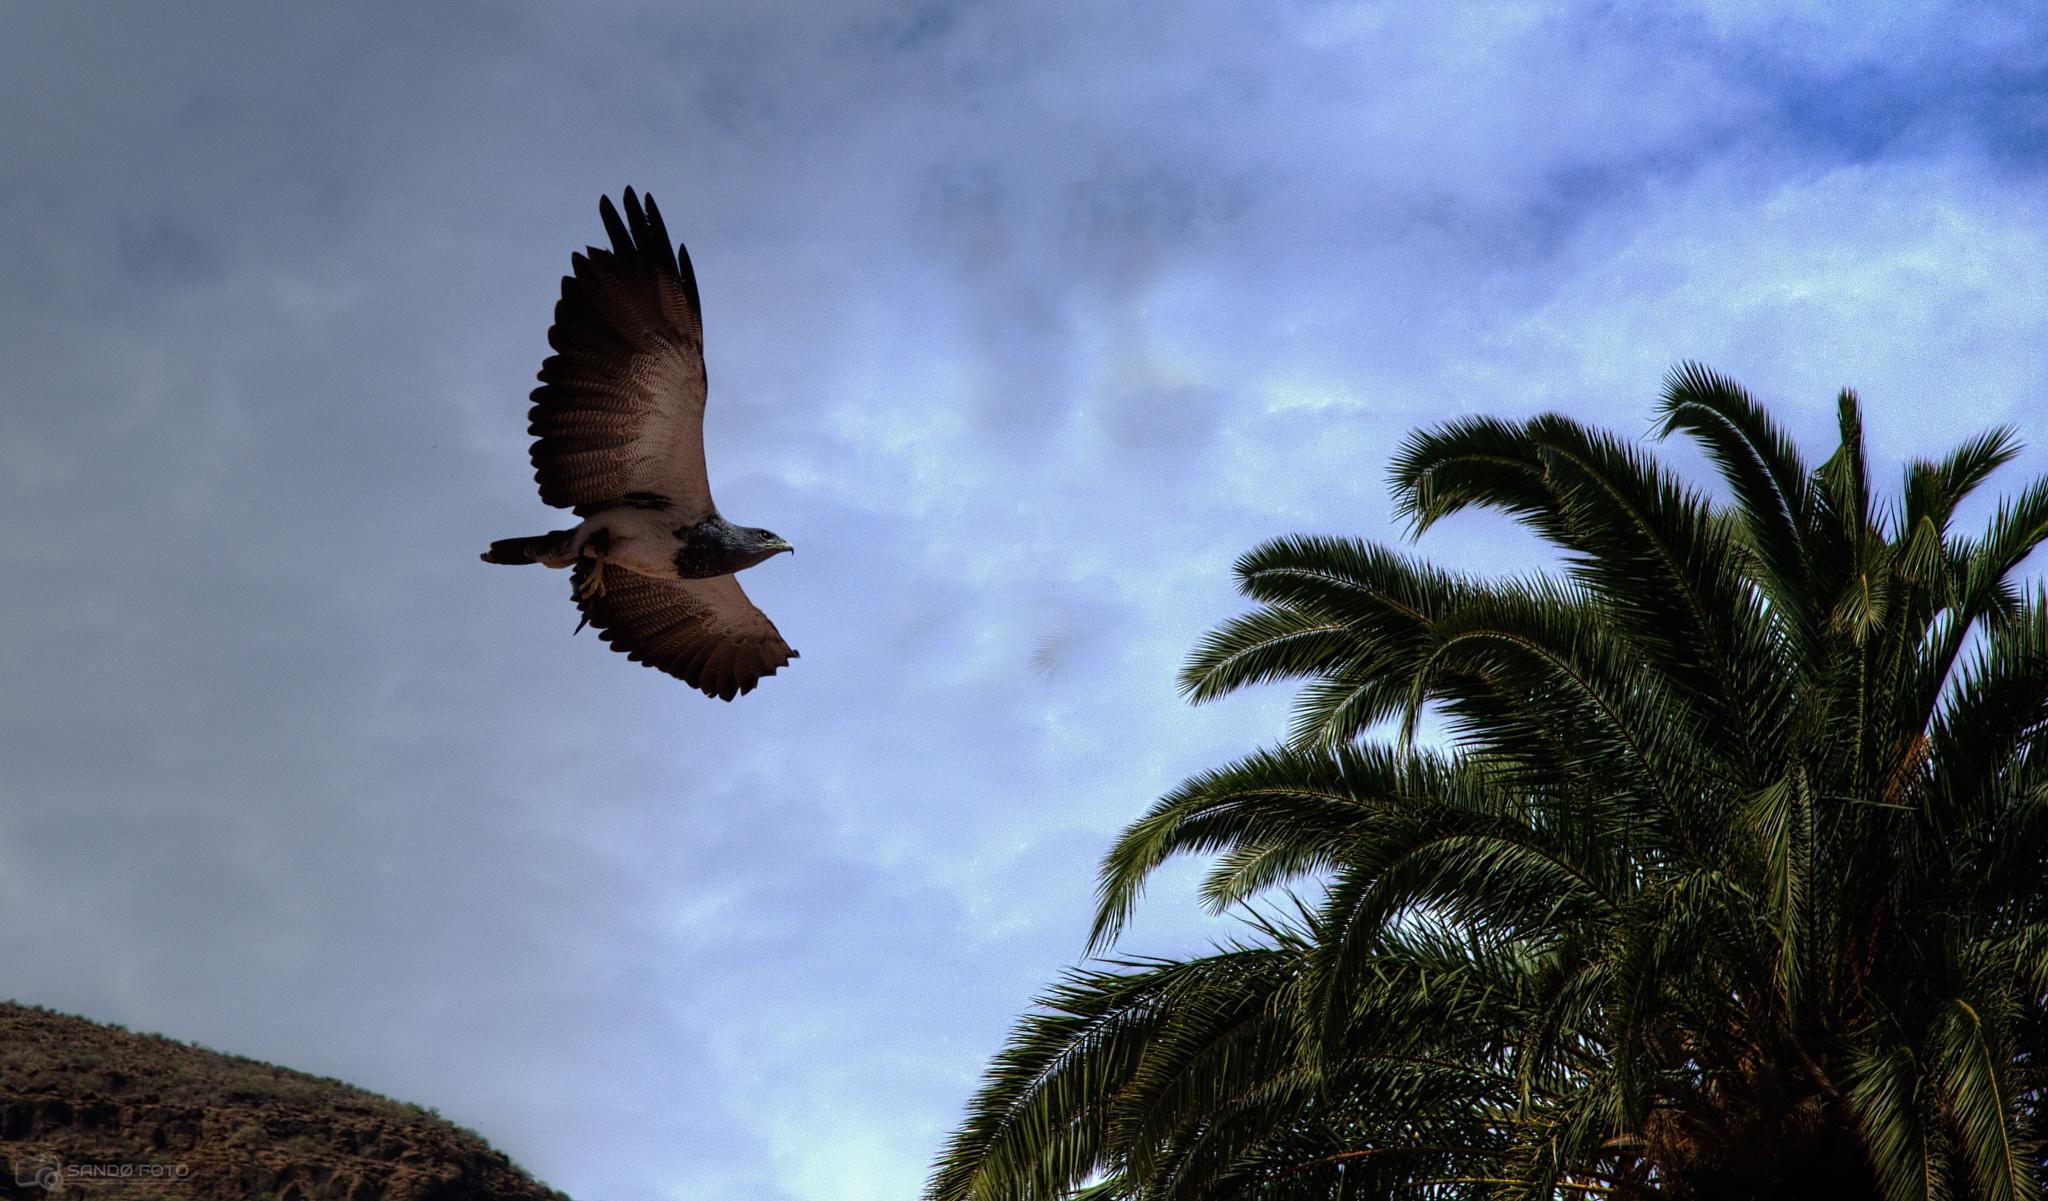 Bird of prey by tjsandofoto